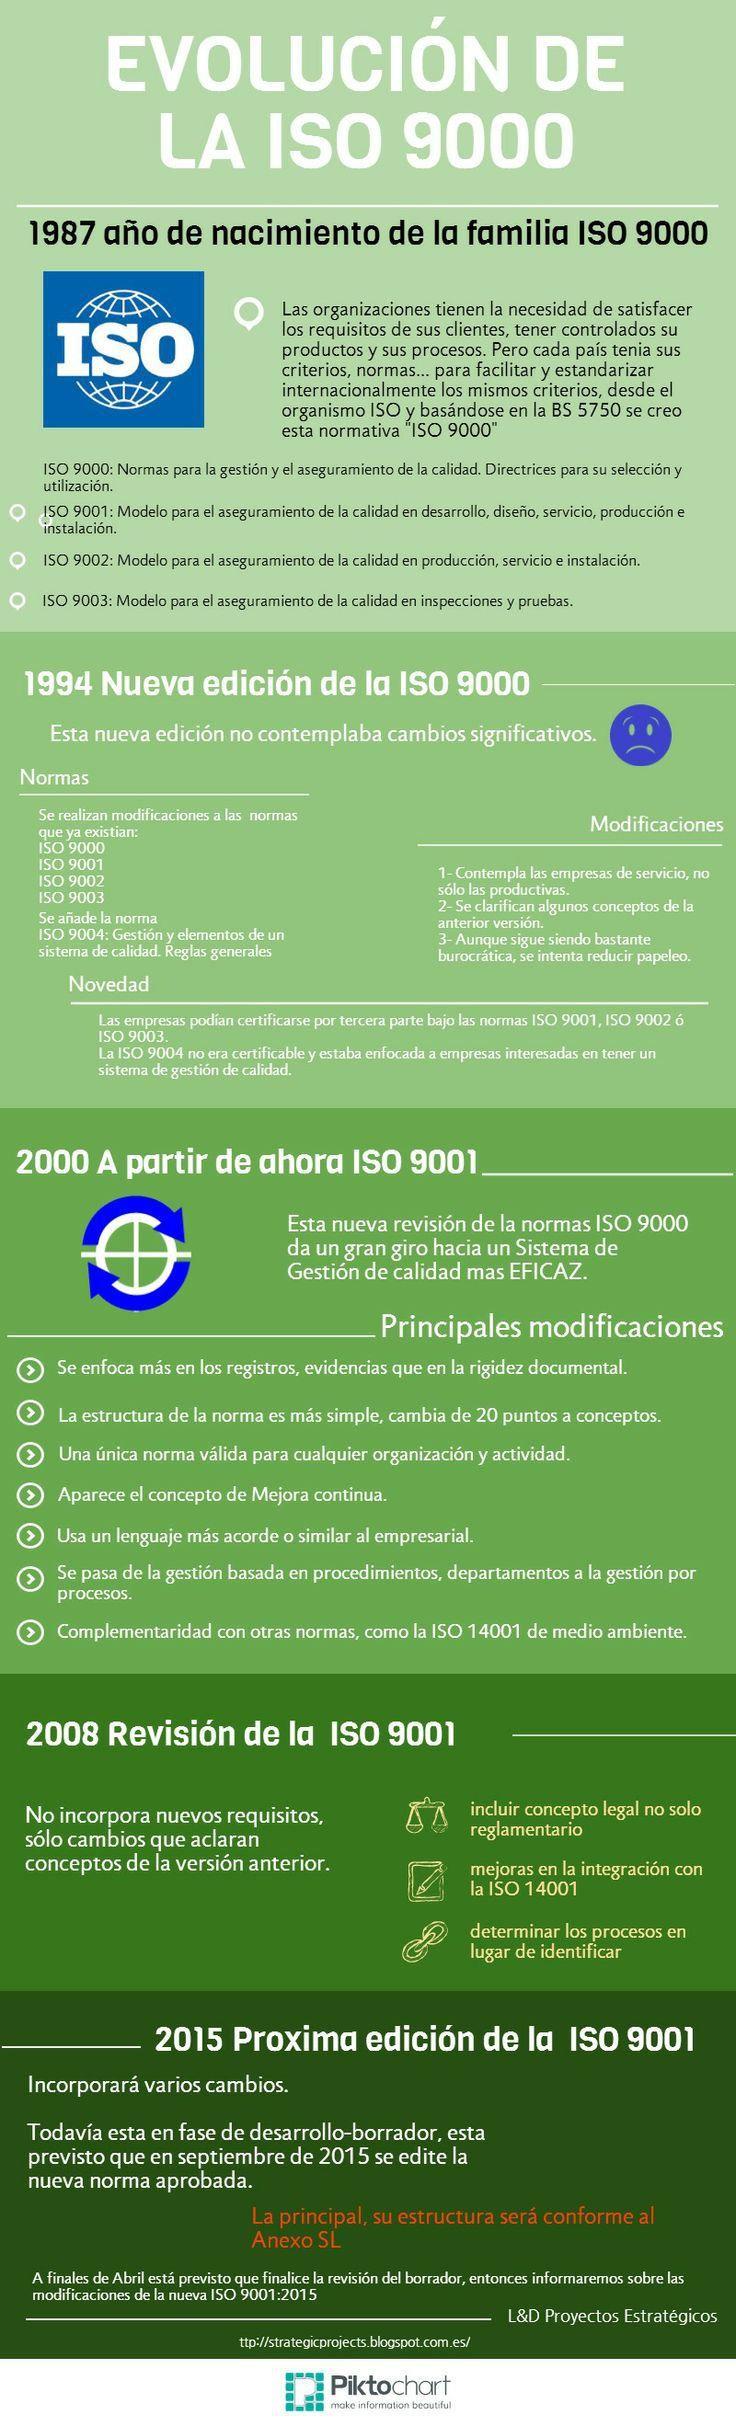 Evolución de la ISO 9000